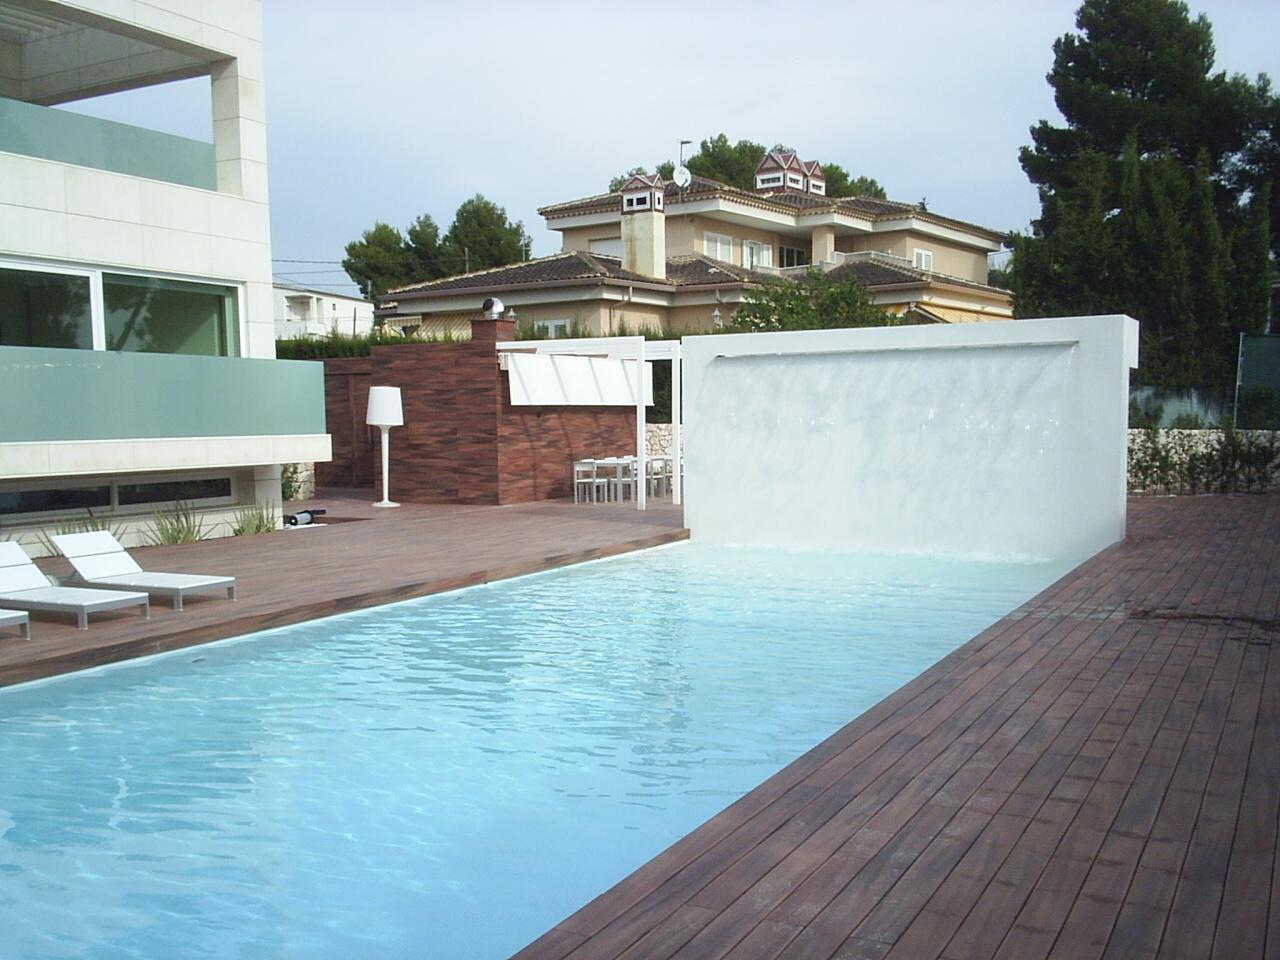 piscinas en valencia construcci n de piscinas